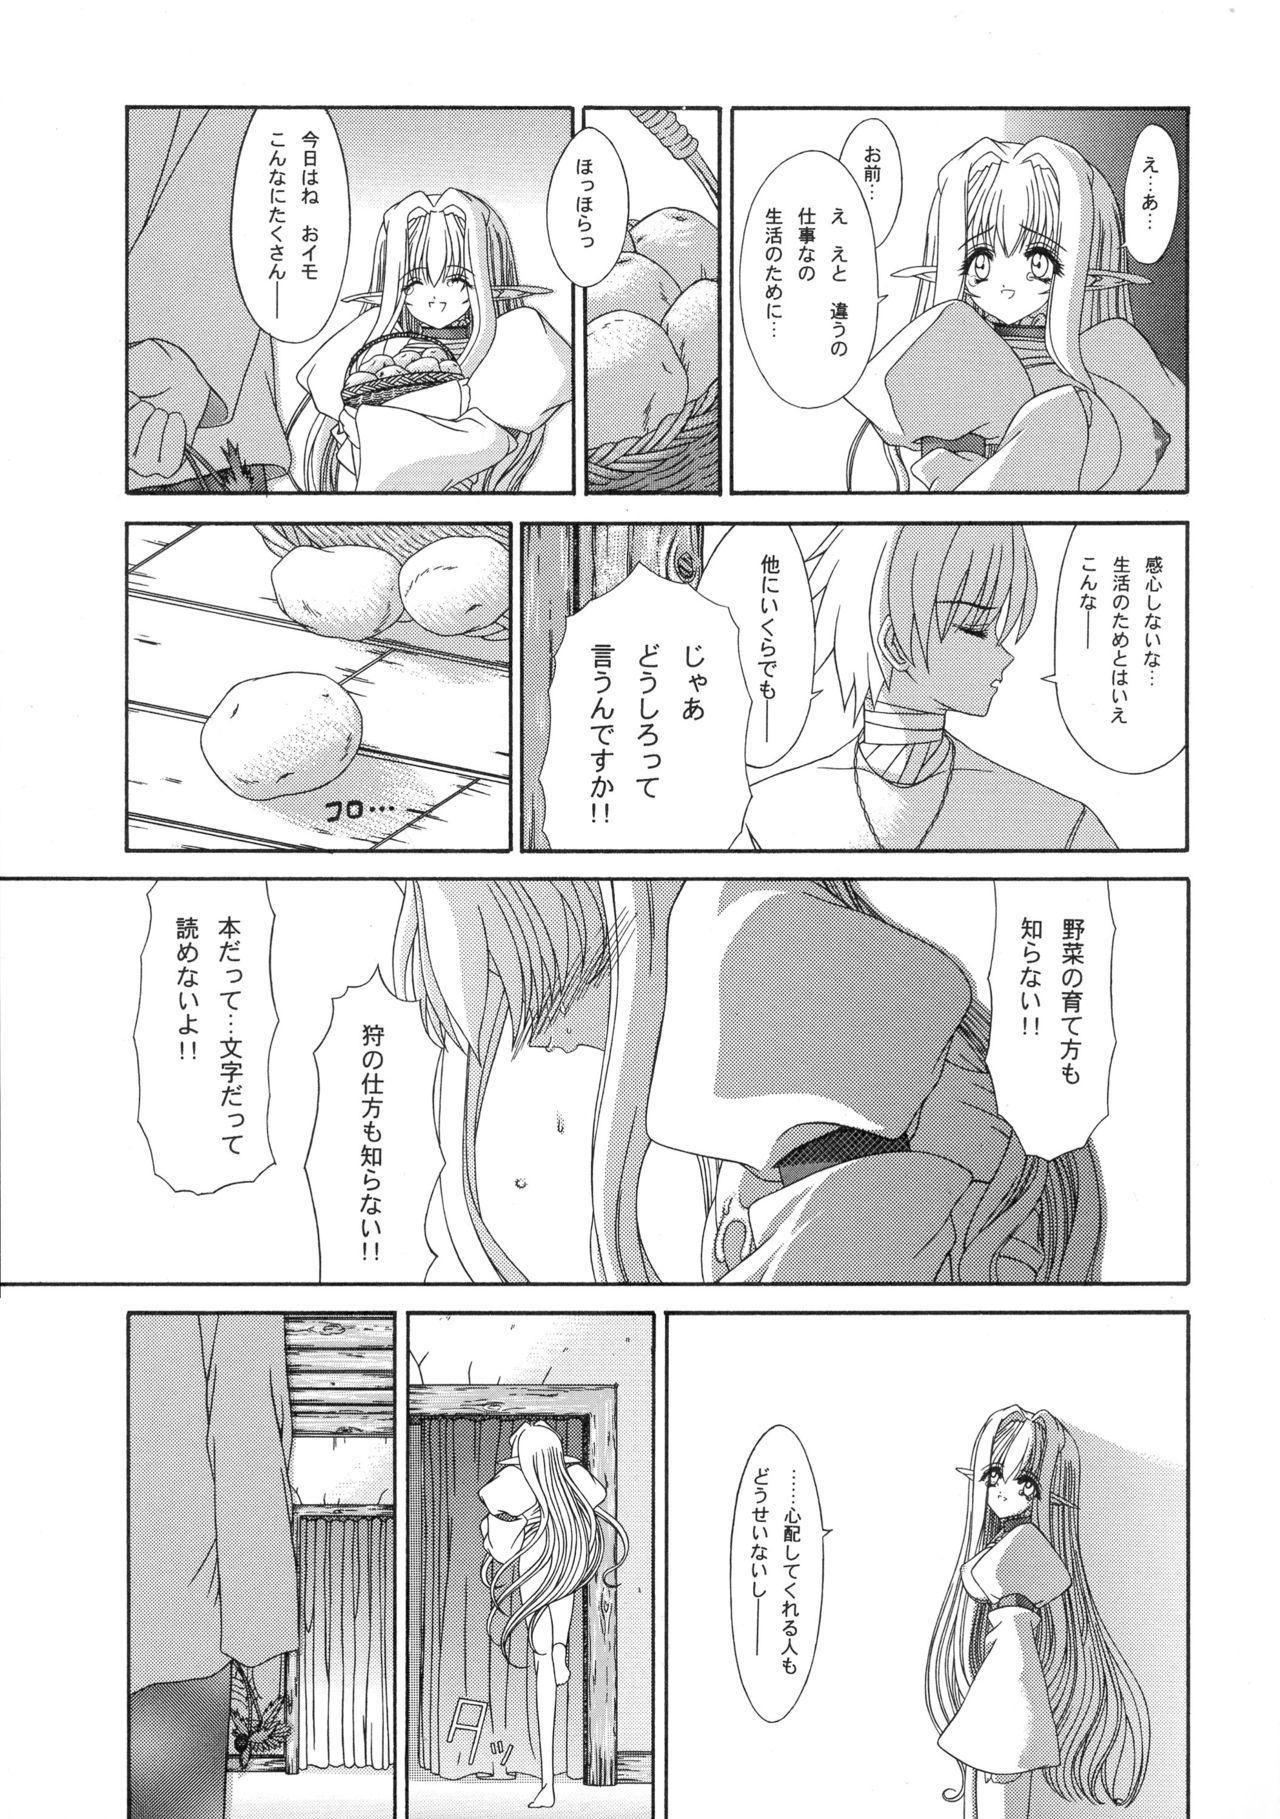 Haiiro no Gensoukyoku 17